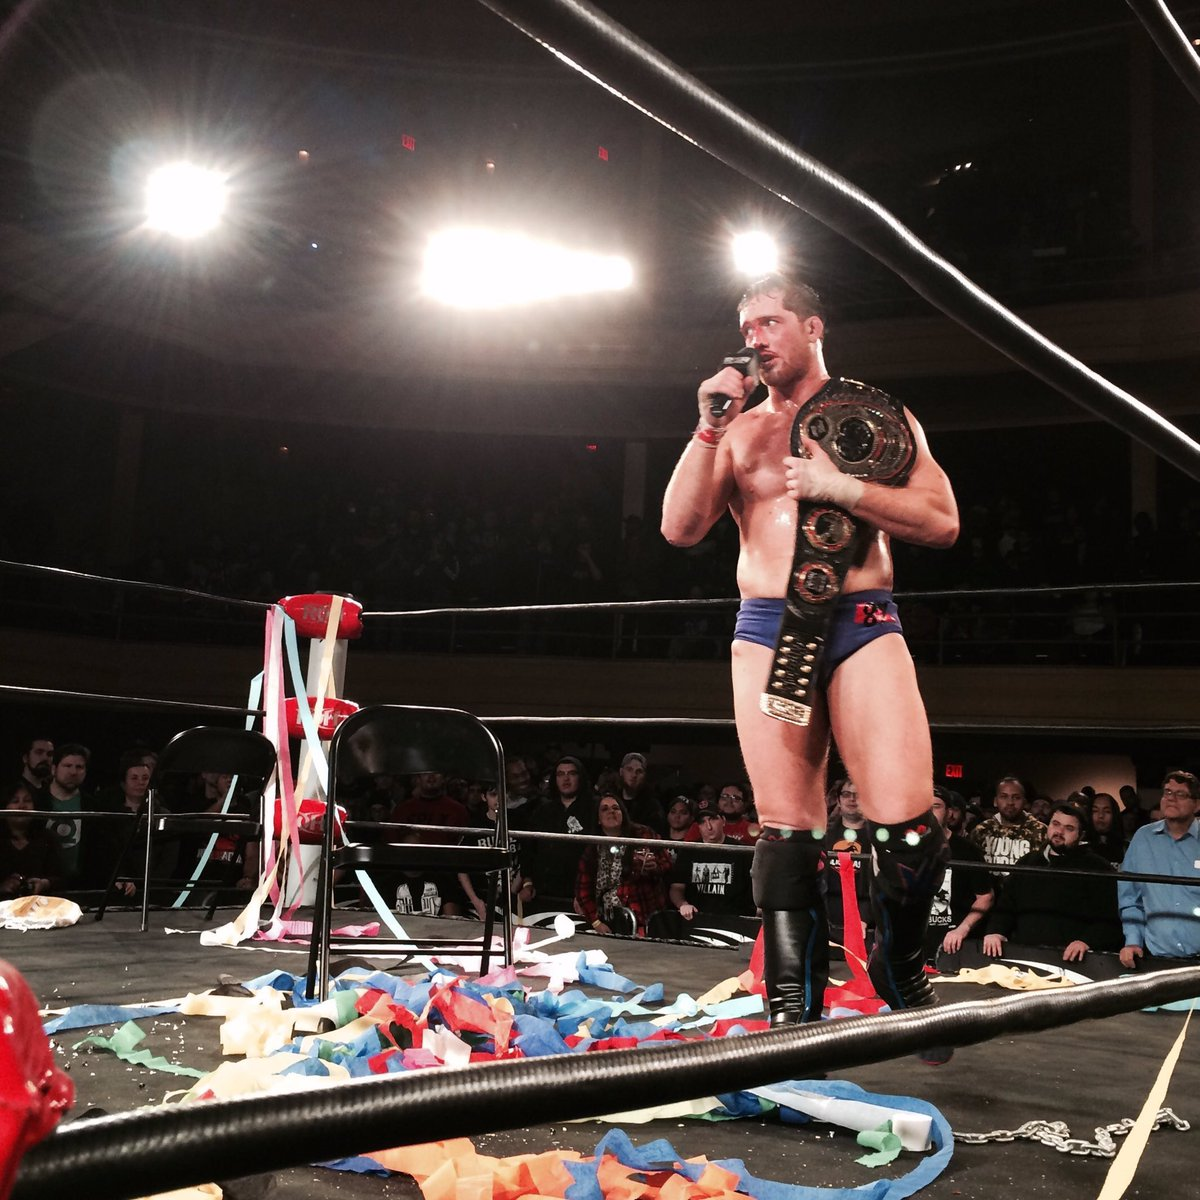 【速報】ROH世界王者交代!新王者はカイル・オライリー ROH12・2ニューヨーク大会「ファイナル・バトル2016」